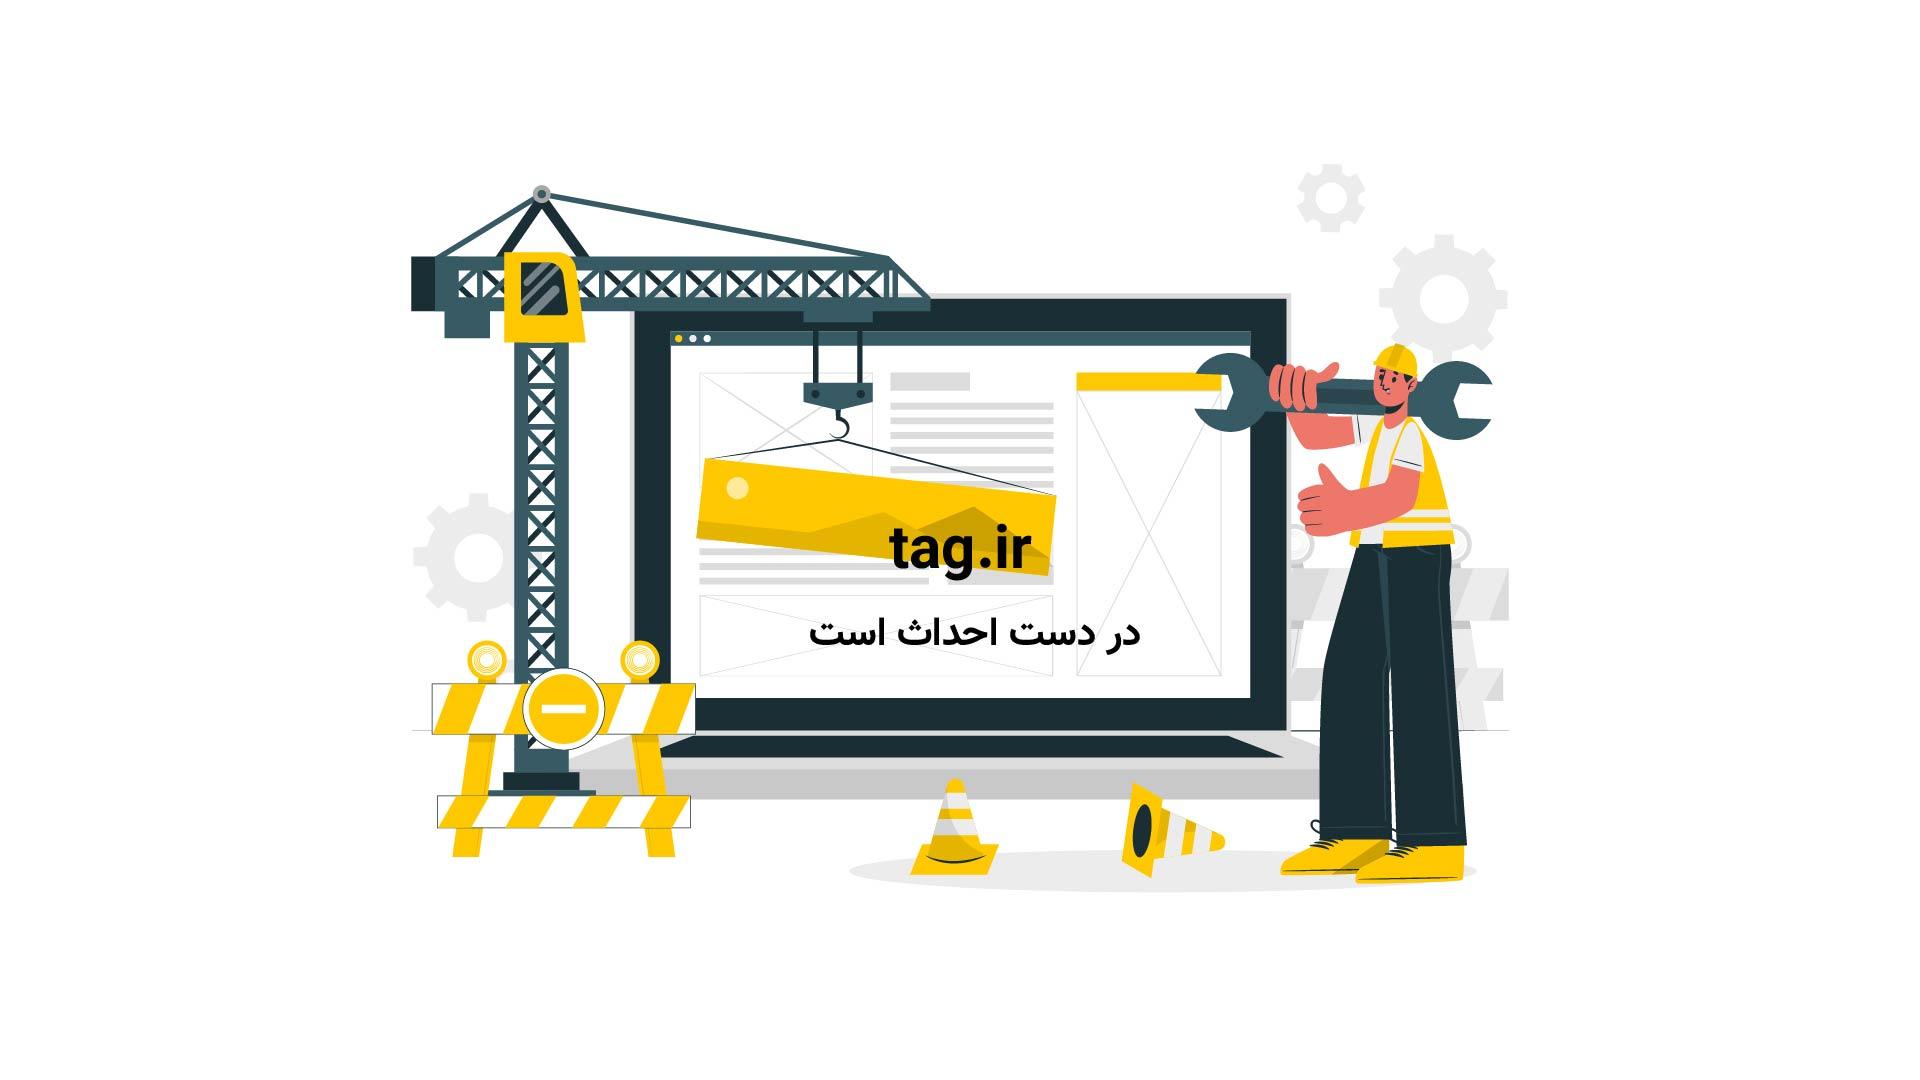 ساخت کارت پستال های زیبا | فیلم